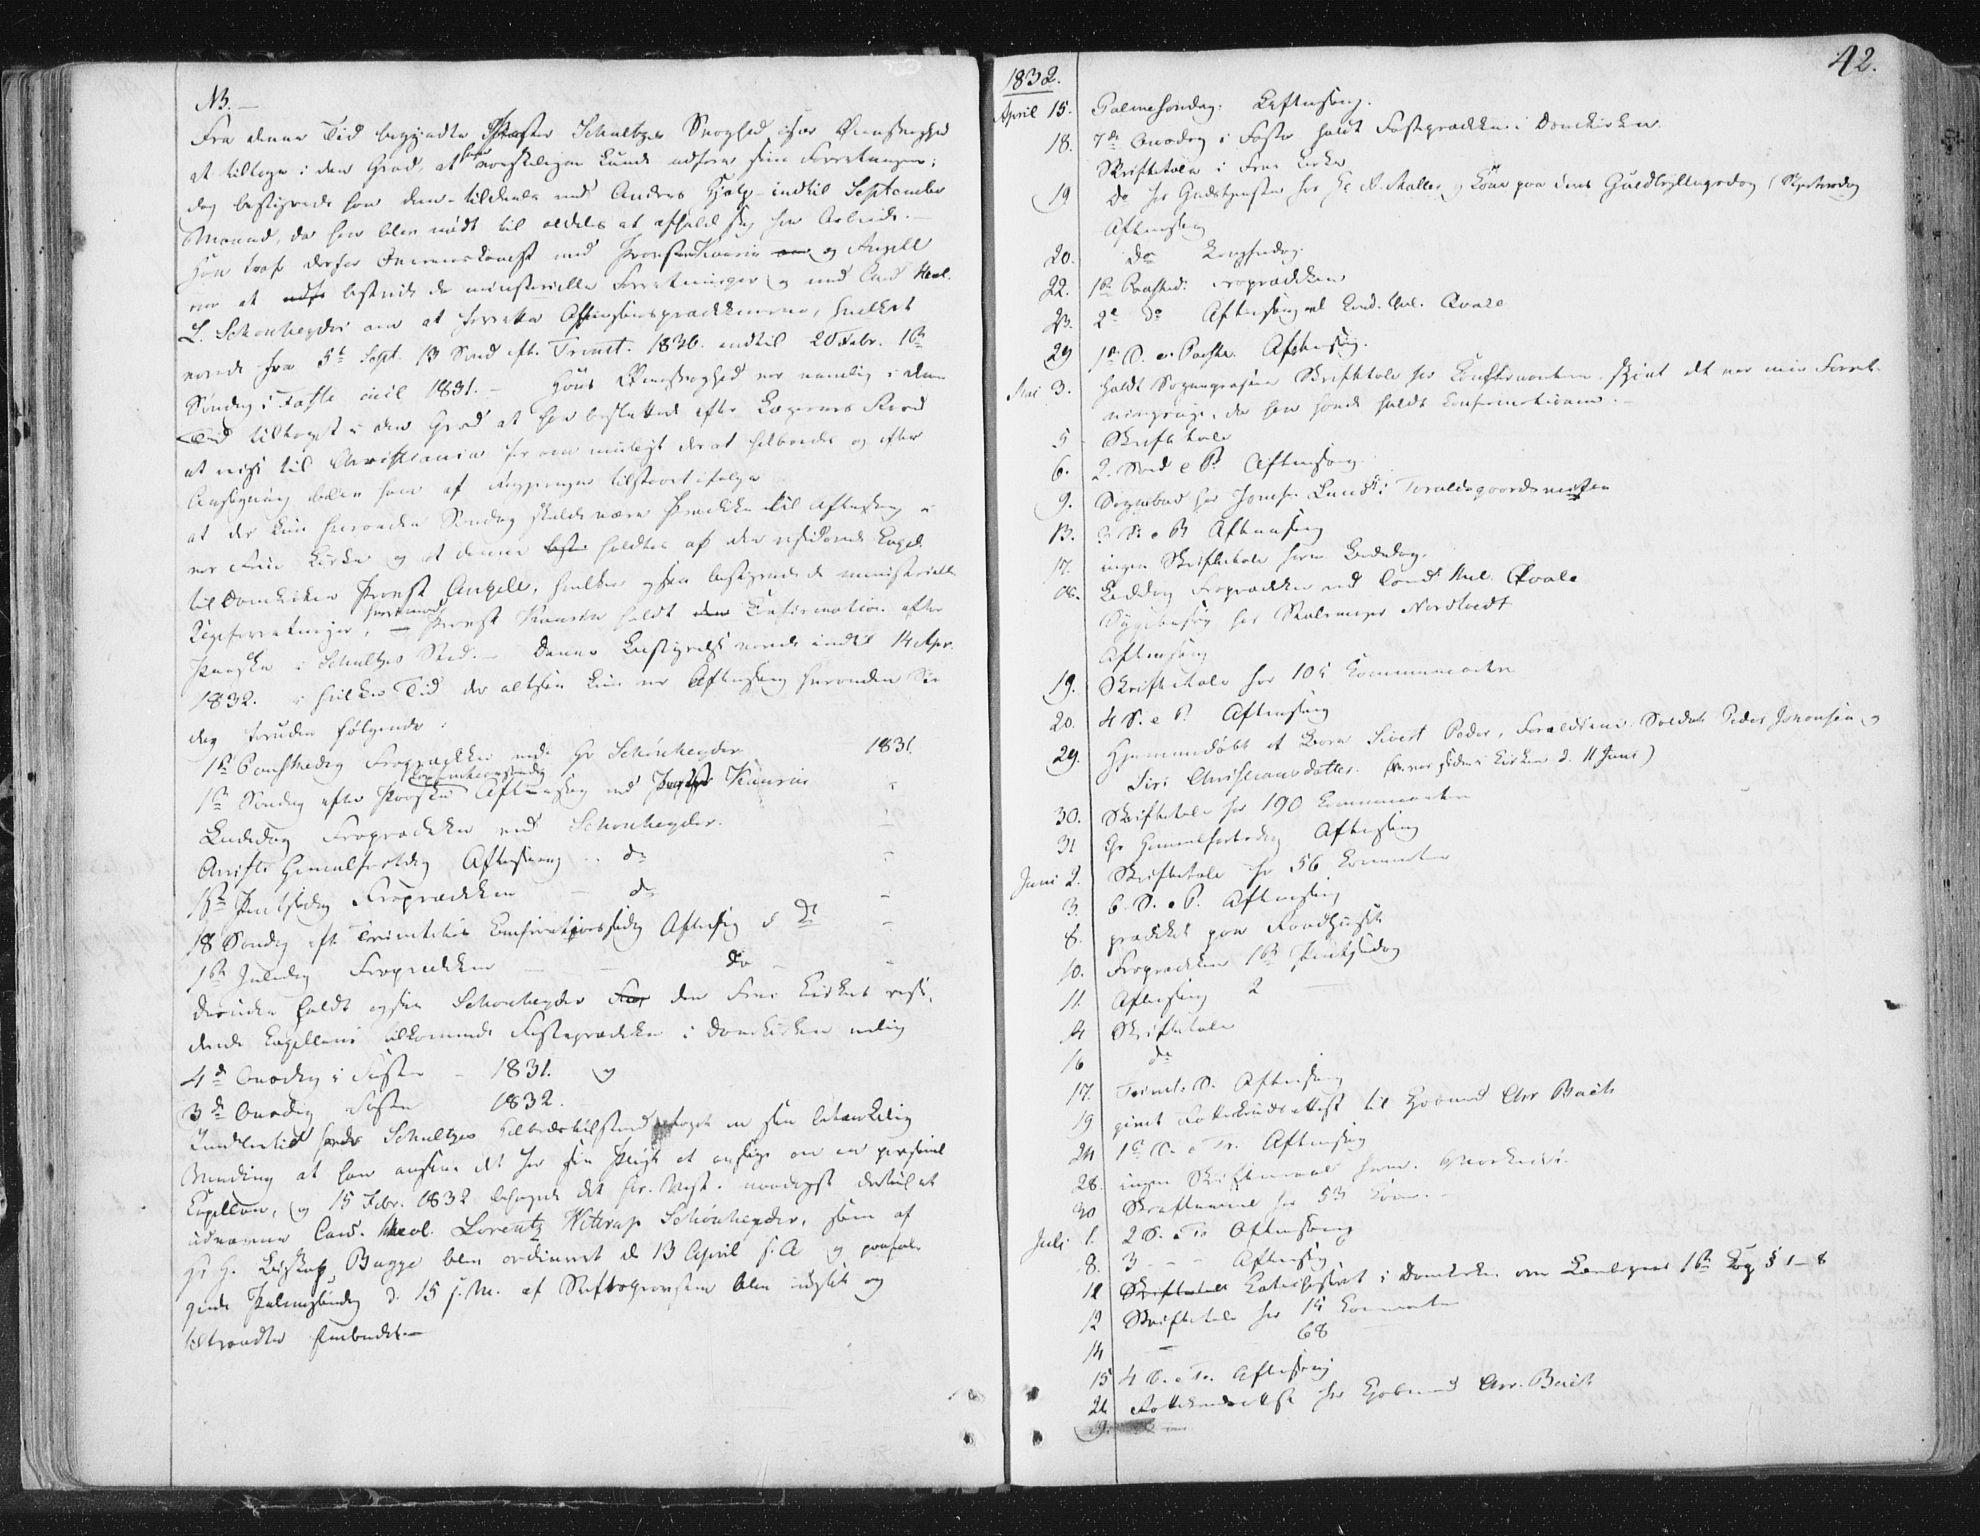 SAT, Ministerialprotokoller, klokkerbøker og fødselsregistre - Sør-Trøndelag, 602/L0127: Residerende kapellans bok nr. 602B01, 1821-1875, s. 42